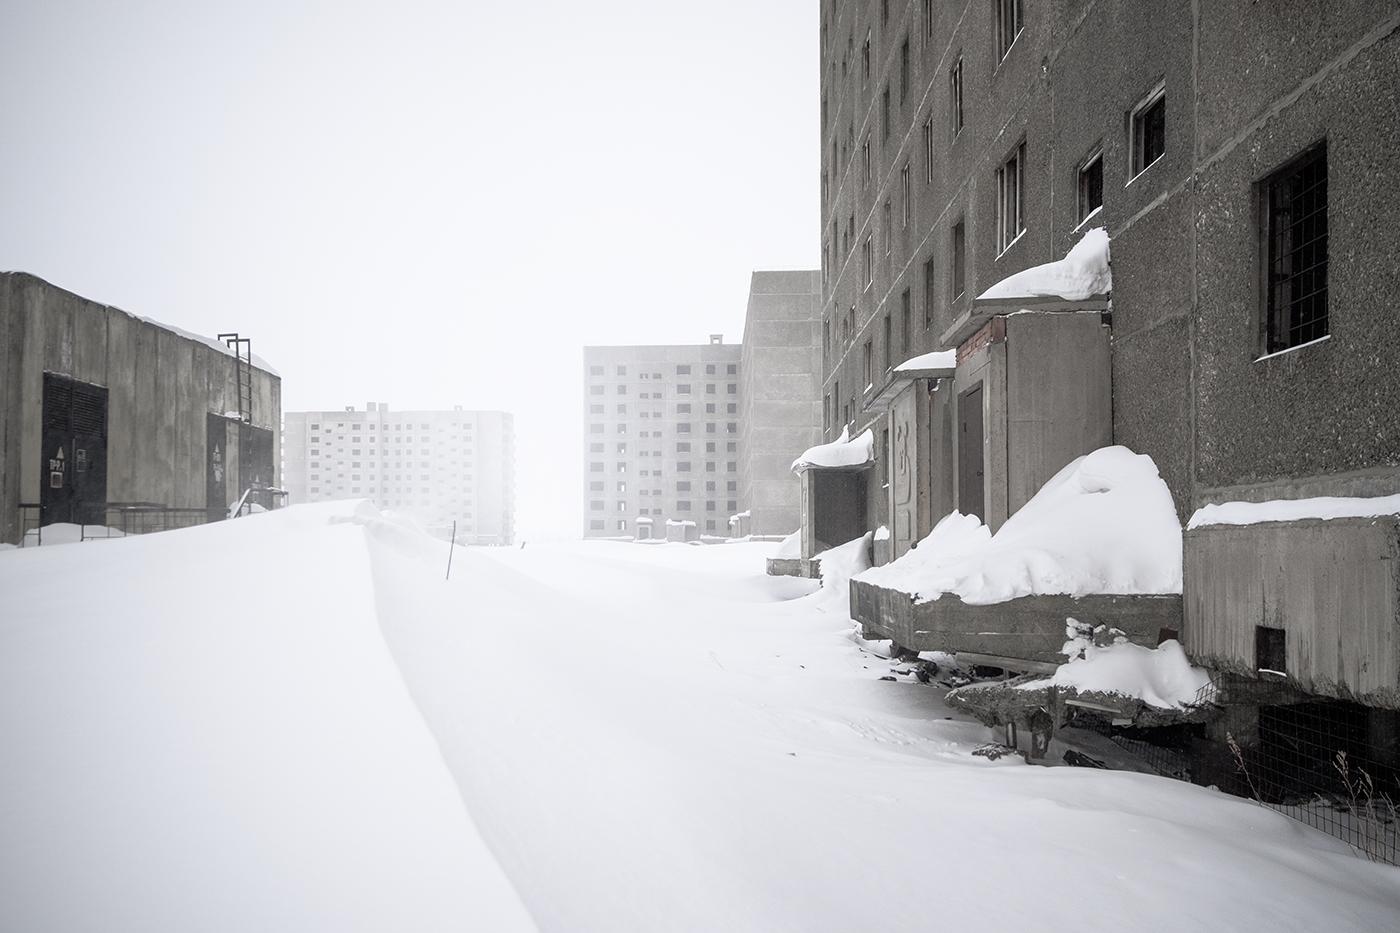 Bloques de edificios que fueron abandonados en el momento de su construc- ción cuando cayó la Unión Soviética a afínales en el 1991. Estos se pueden visitar sin problema haciendo esquí de fondo los meses de invierno.